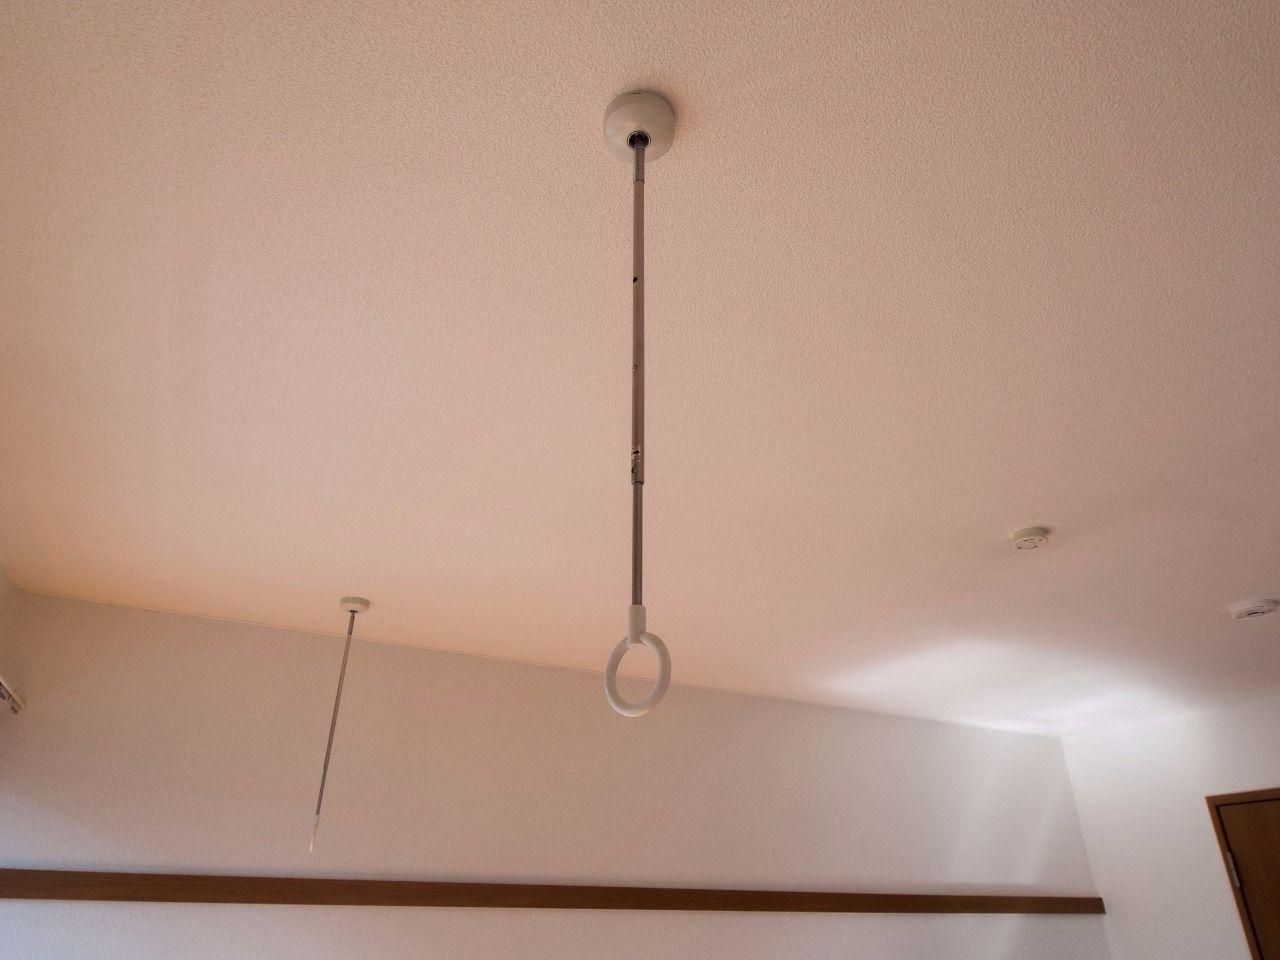 物干竿を通すと室内干しが可能